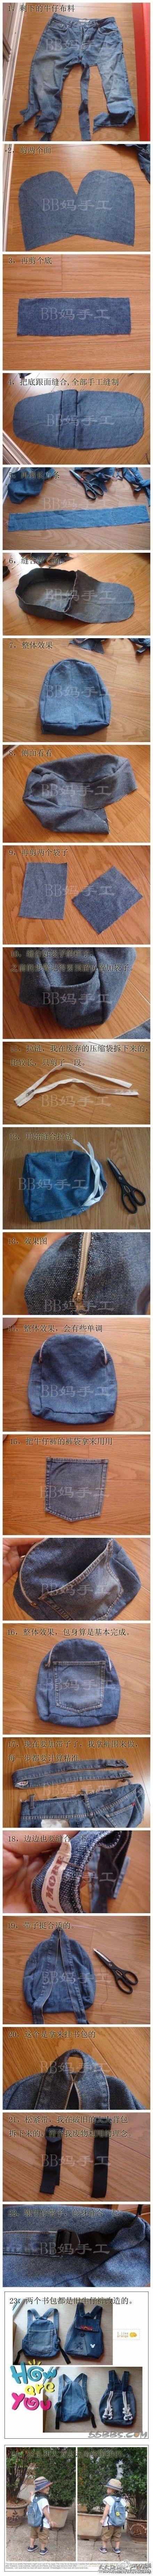 De unos pantalones vaqueros / jeans a una mochila para el peque